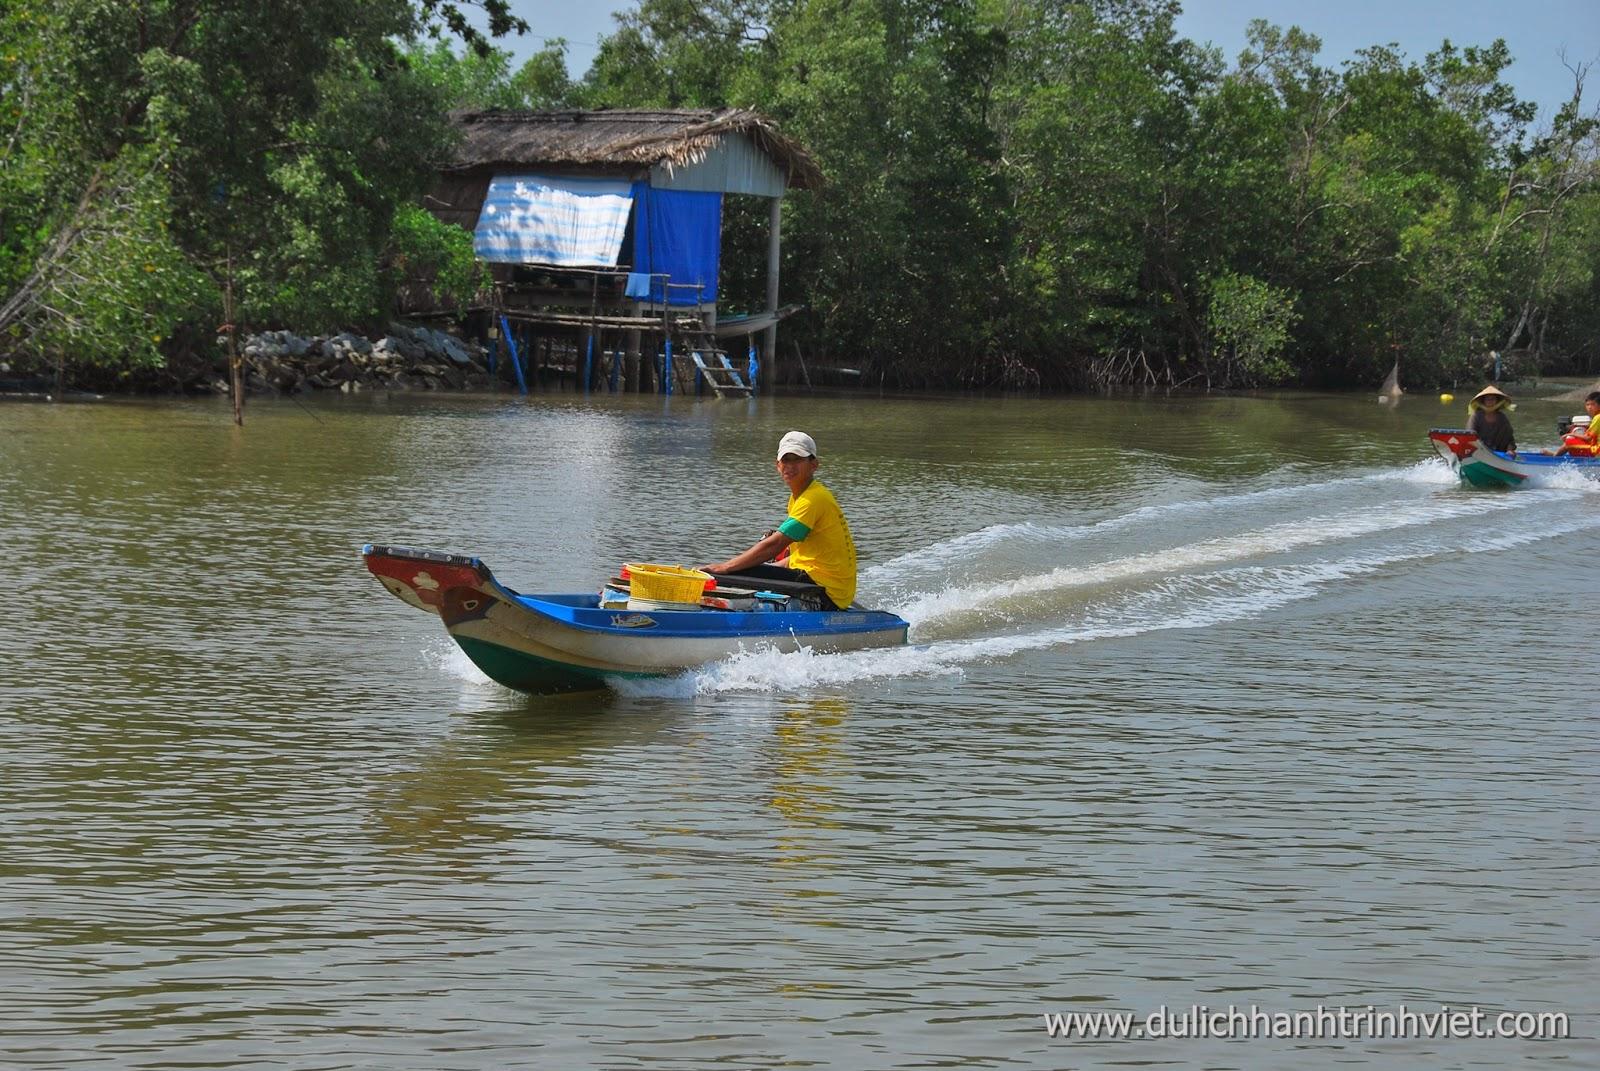 Cuộc sồng trên sông nước ở Đất Mũi Cà Mau